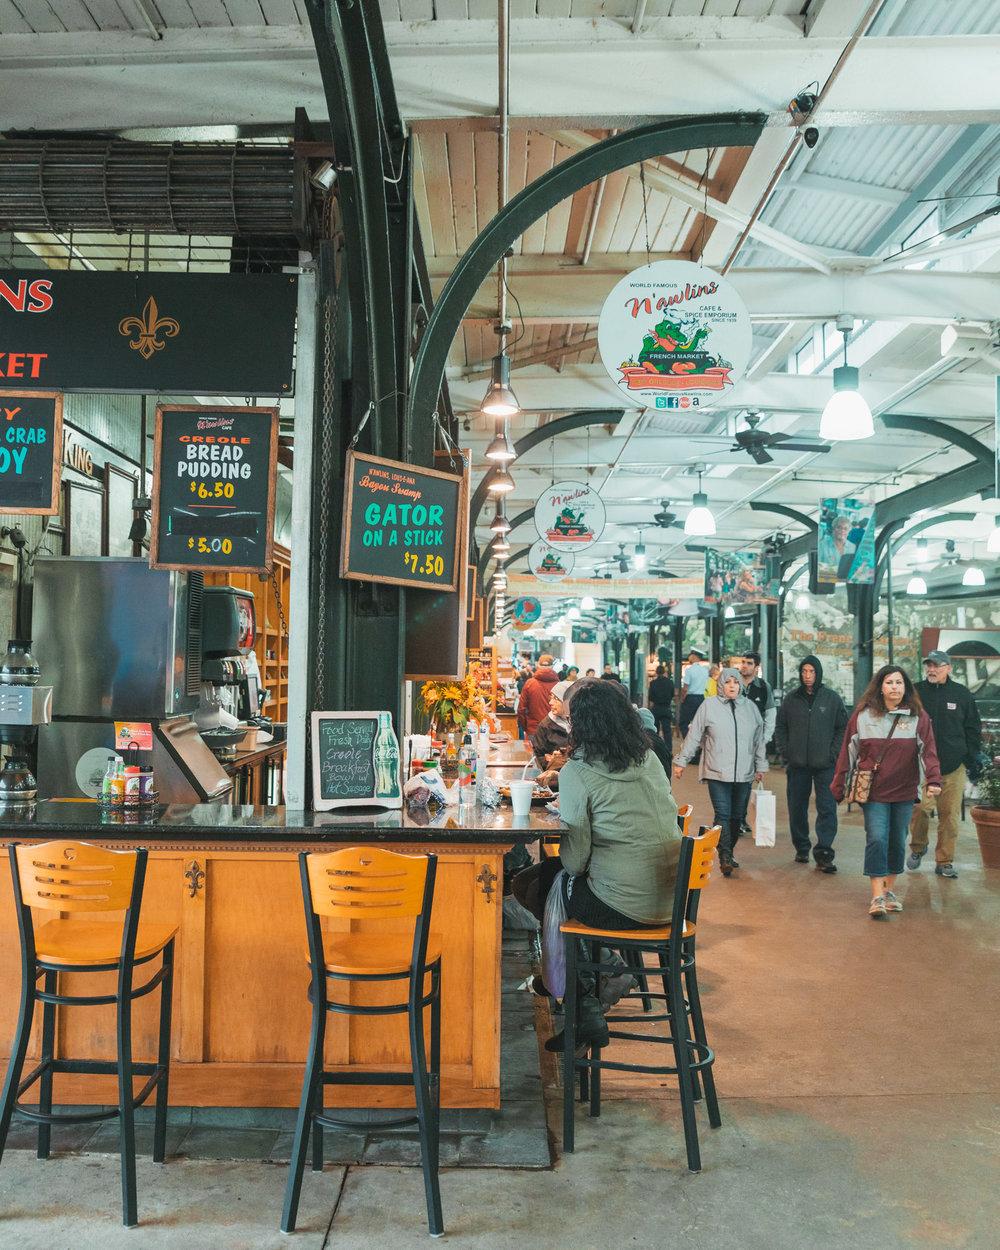 French Market NOLA // The Rainy Day Guide to New Orleans www.readysetjetset.net #readysetjetset